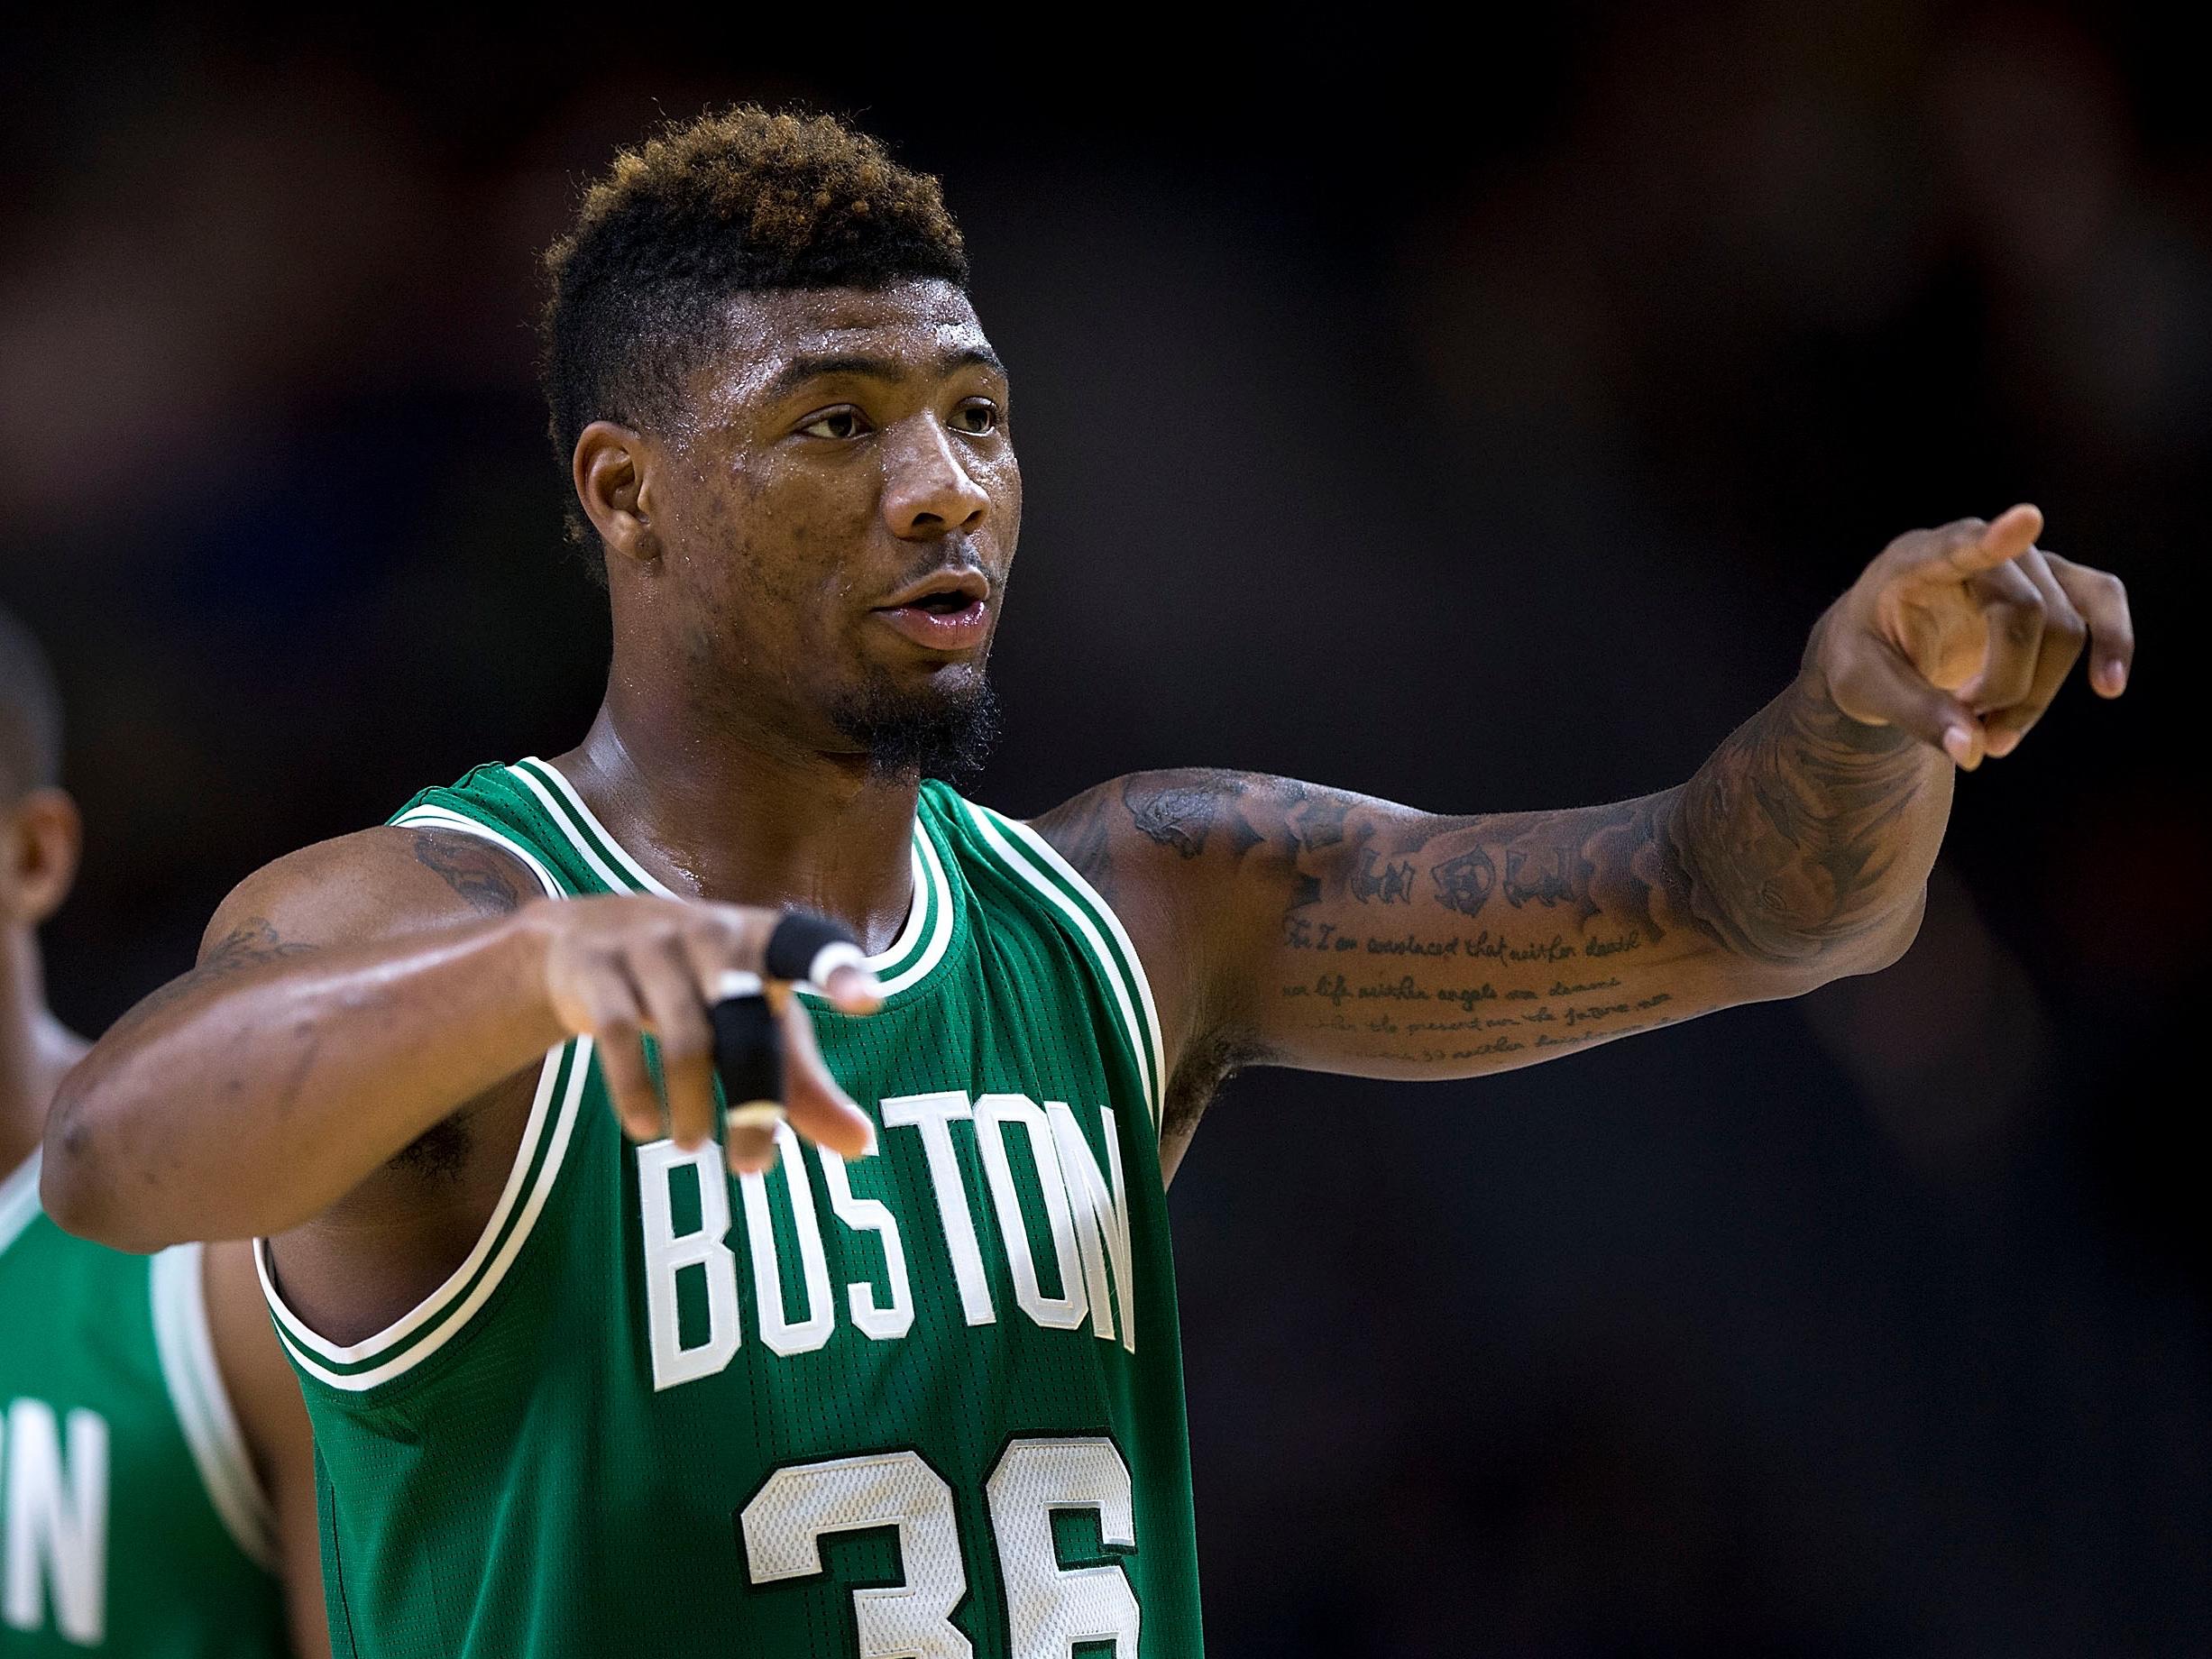 Real Madrid v Boston Celtics